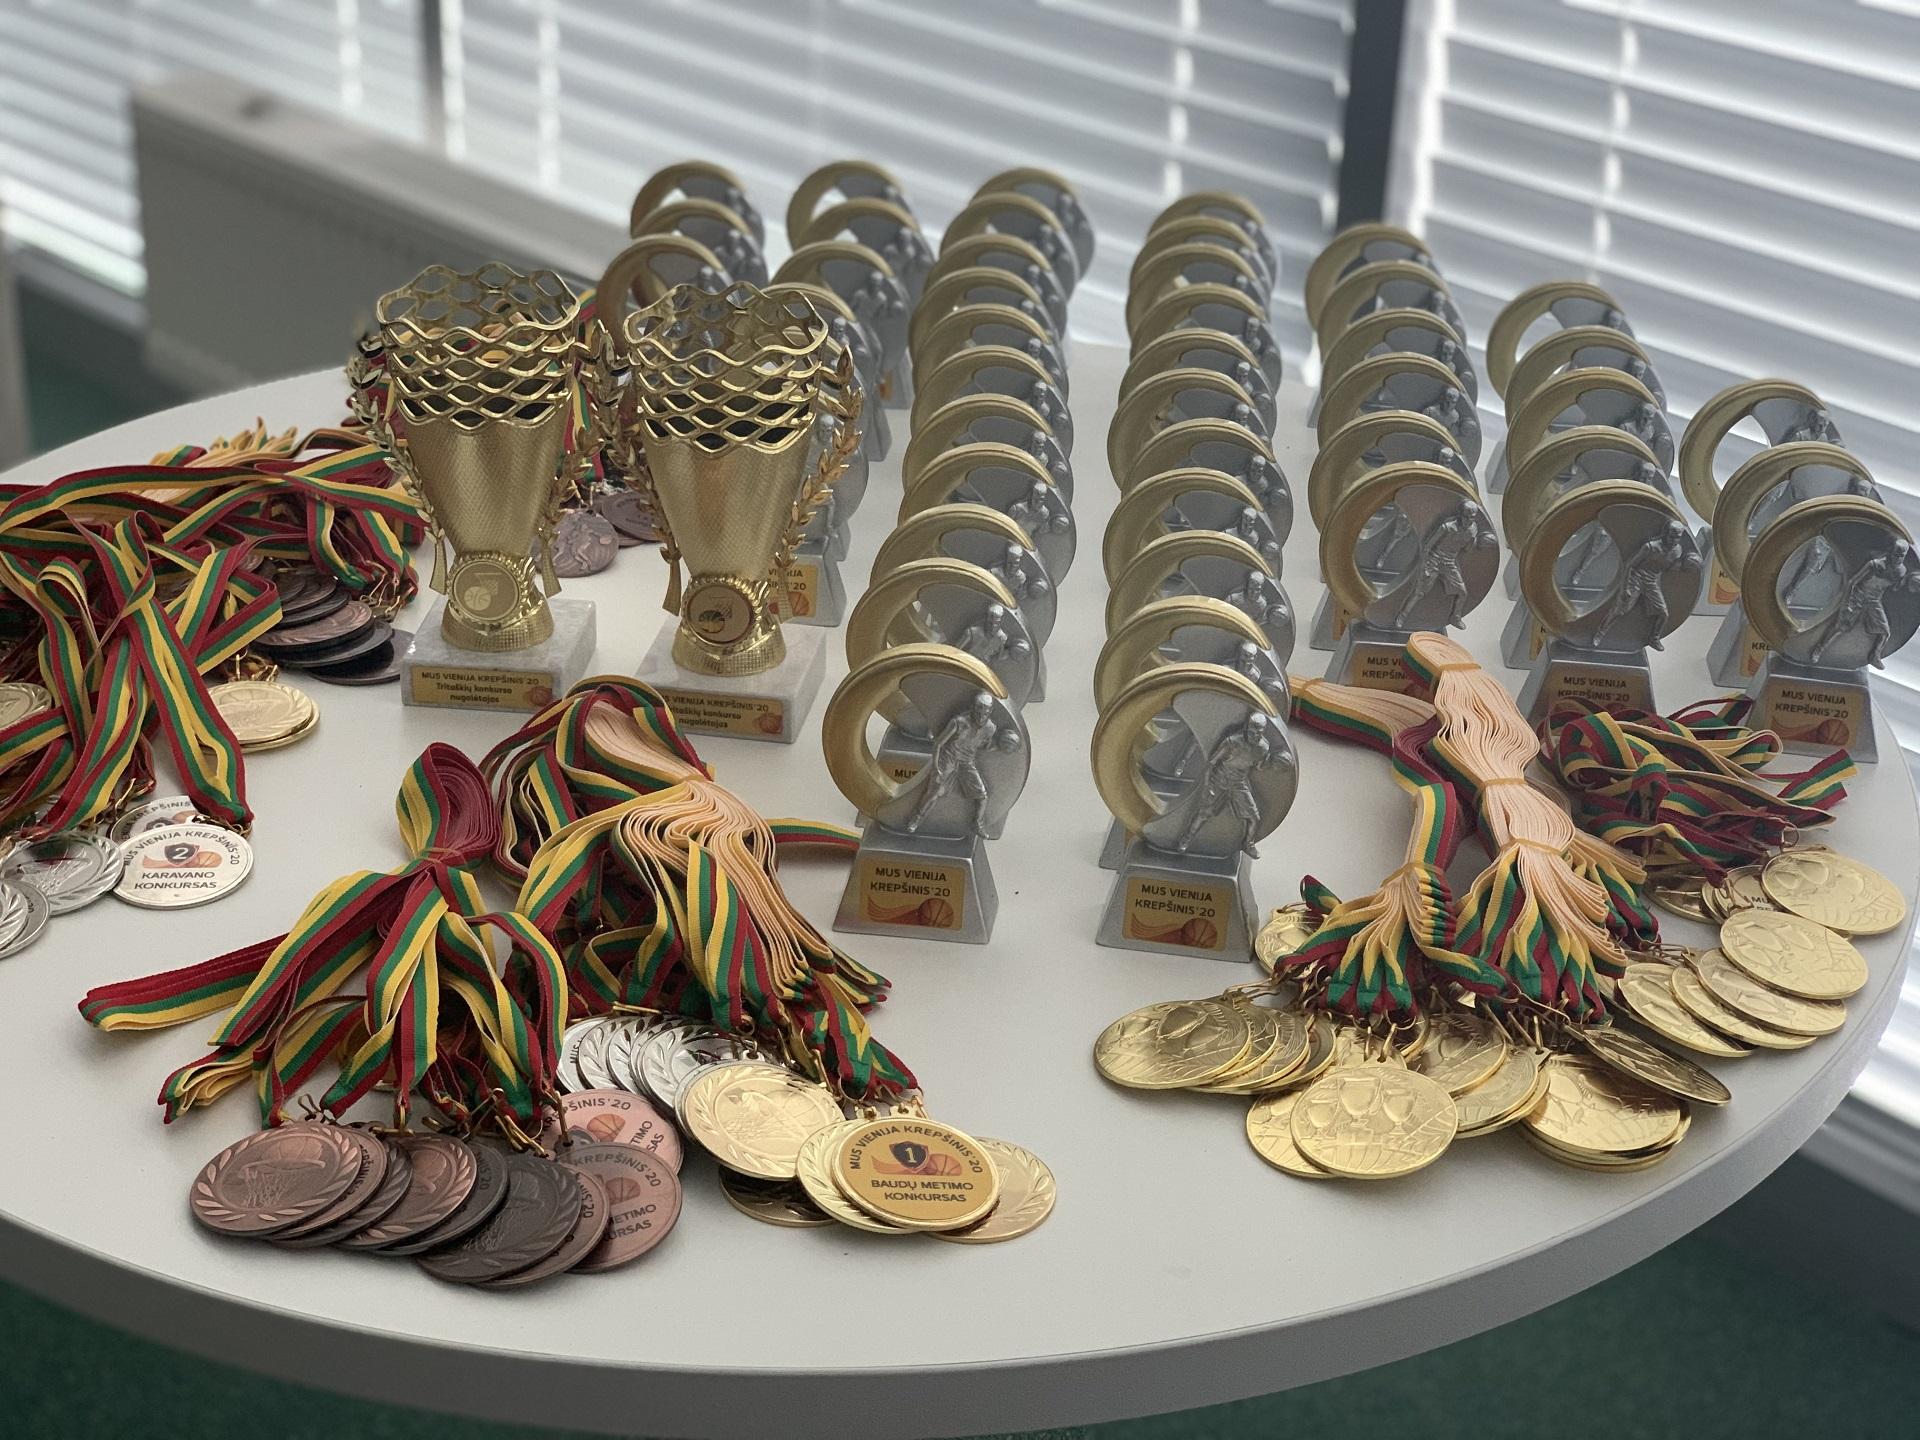 Kiekvienas stovyklos dalyvis apdovanotas atminimo statulėle, o geriausiai pasirodžiusieji konkursuose buvo apdovanoti medaliais ir taurėmis./Organizatorių nuotr.